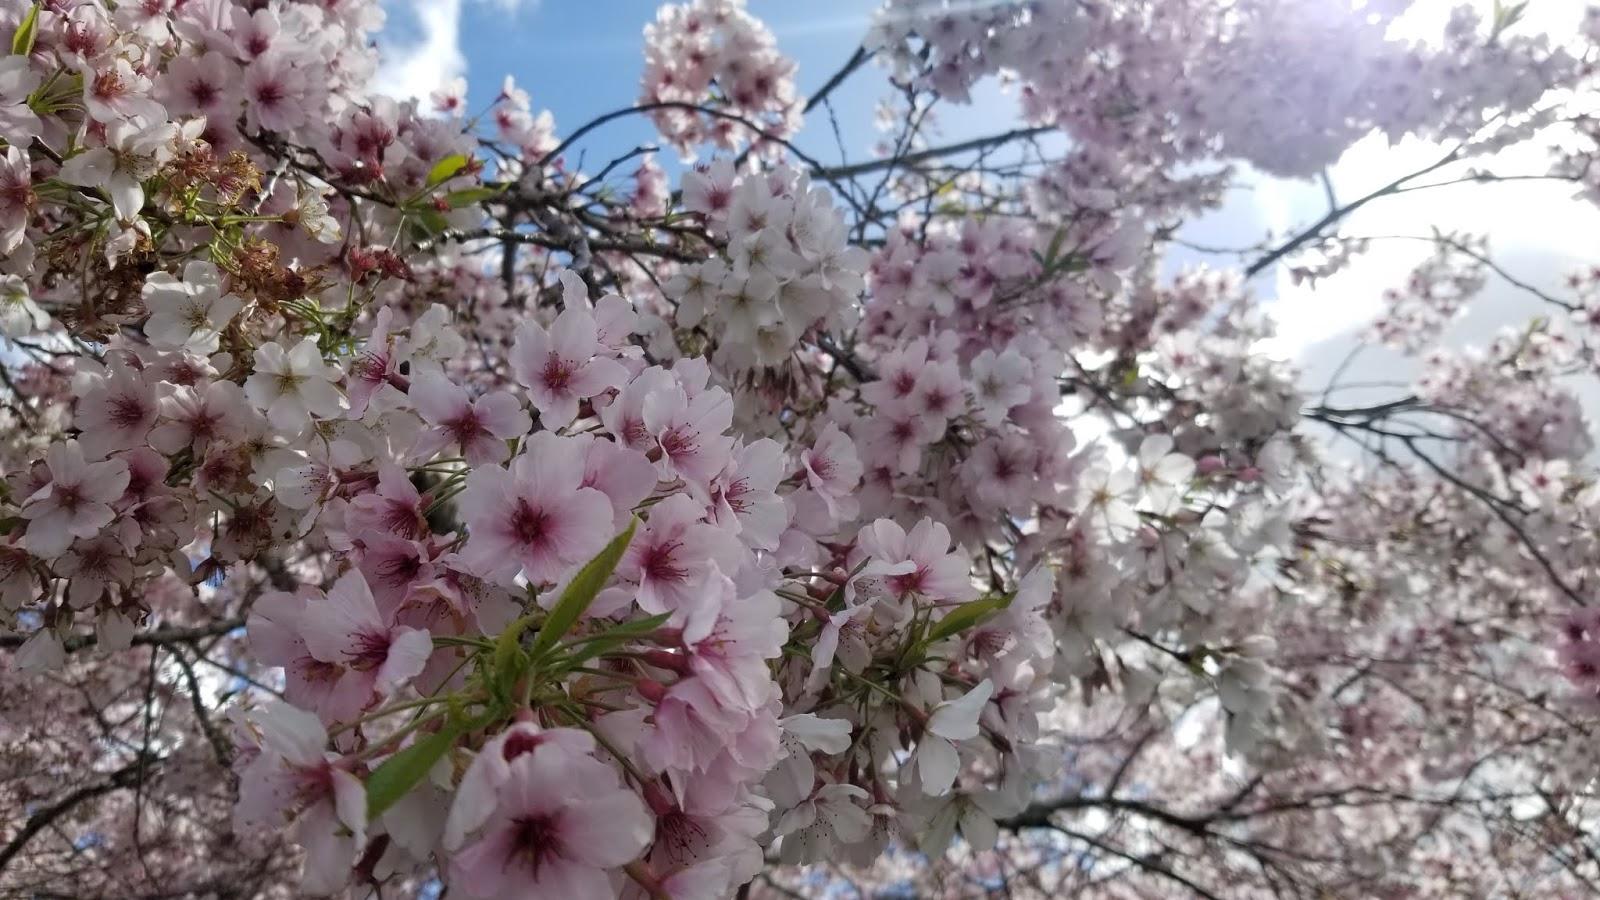 【紐西蘭 | 北島自由行2020】奧克蘭市中心30分鐘車程 奧克蘭植物園Auckland Botanic Garden 感受櫻花盛放的美境 齊來 ...